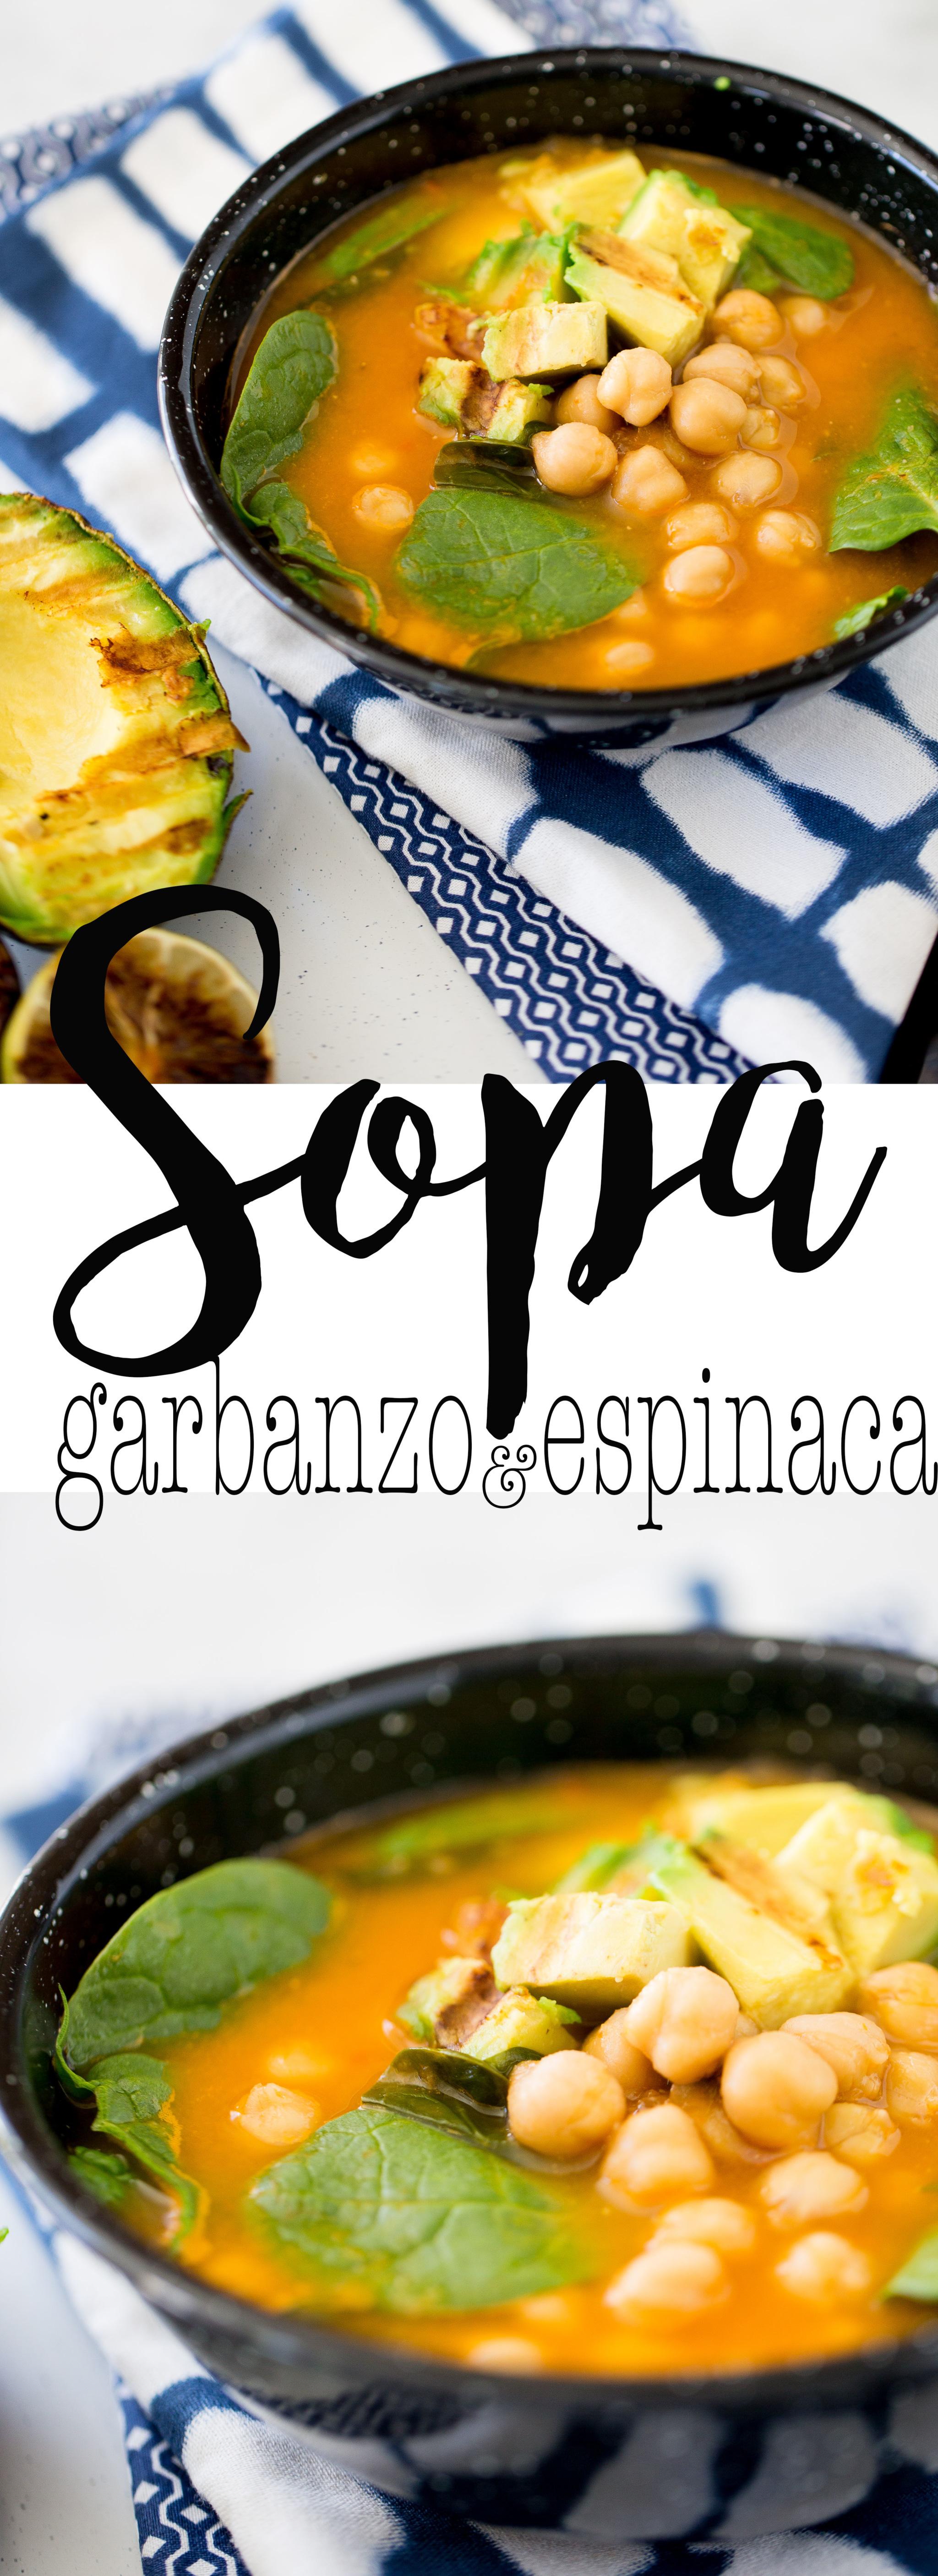 Esta receta de sopa con garbanzos y espinacas es lo más rica que puede haber. Es de las sopas que en la primera cucharada te hace sentir como en casa. #sopa, #recetavegana, #recetasaludable